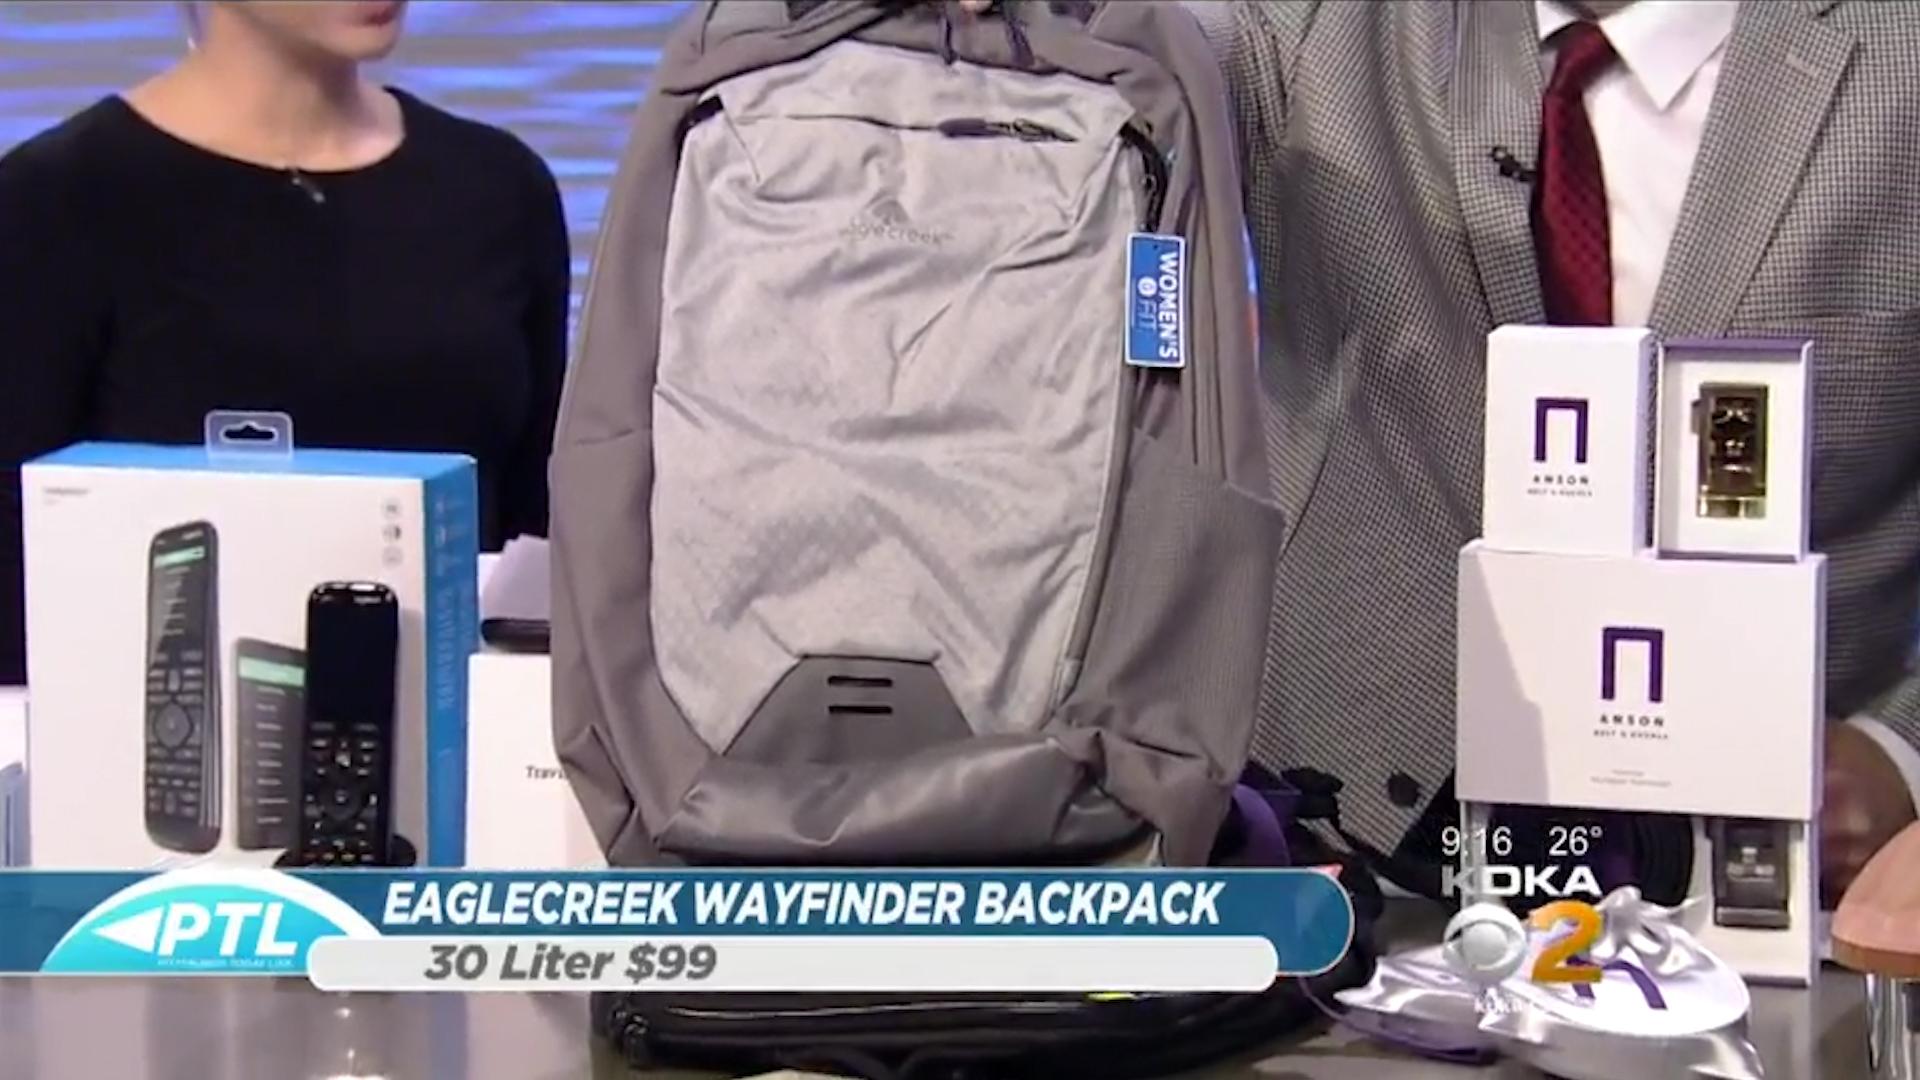 EAGLECREEK Wayfinder Backpack 30L - $99.00Shop Now